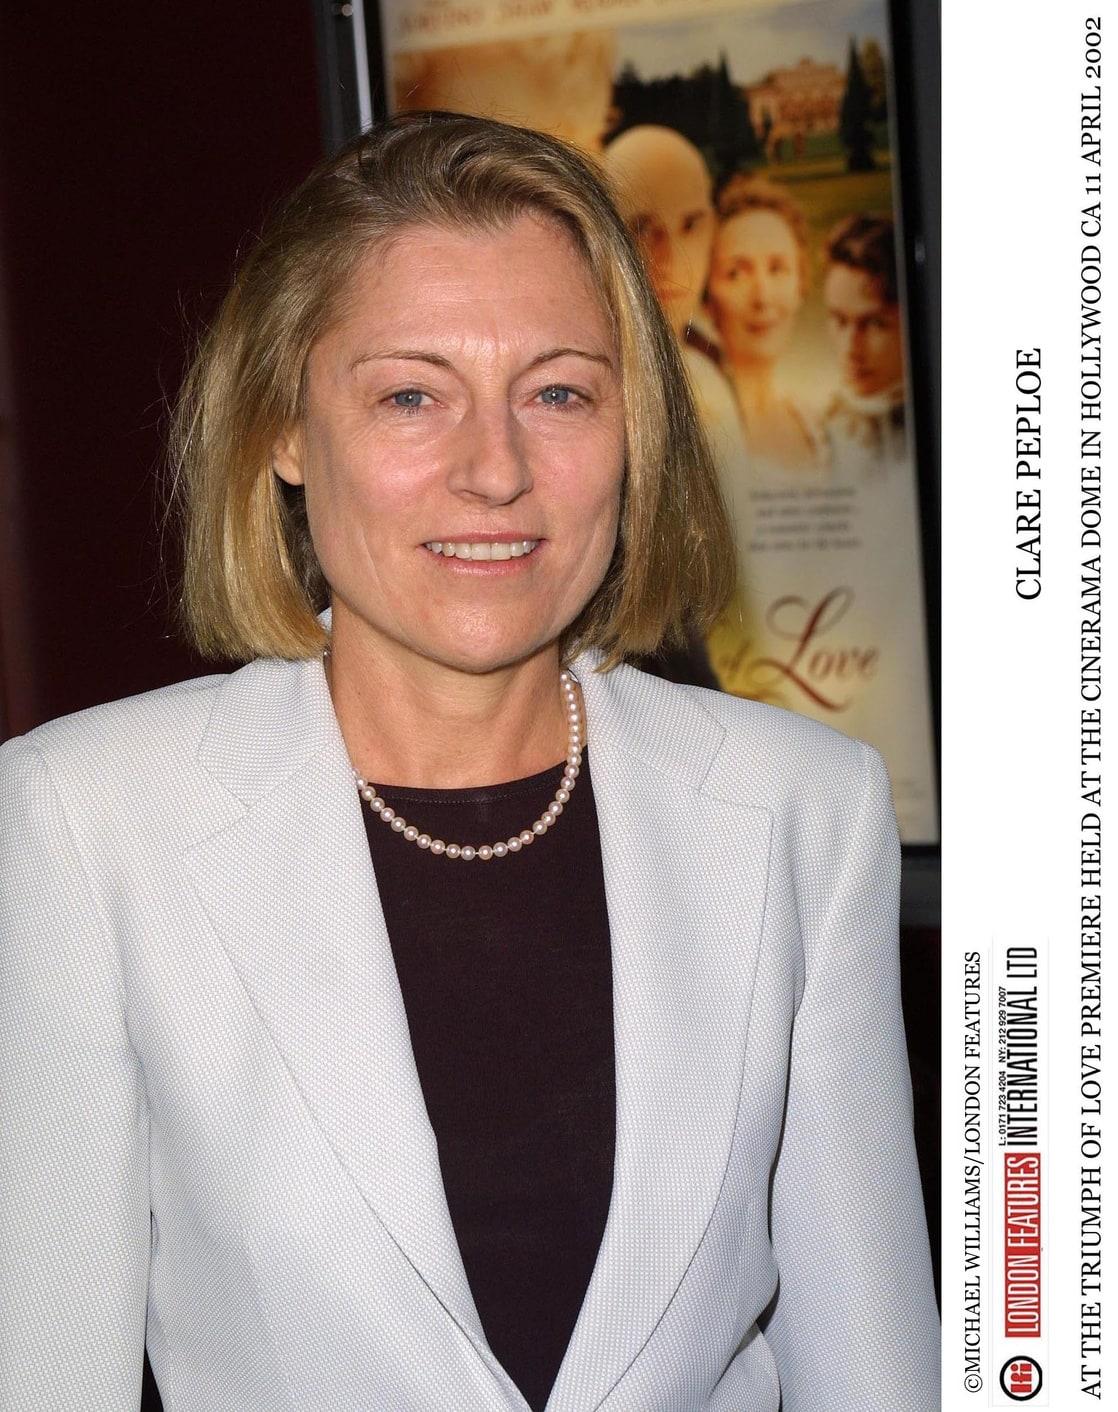 Picture of Clare Peploe